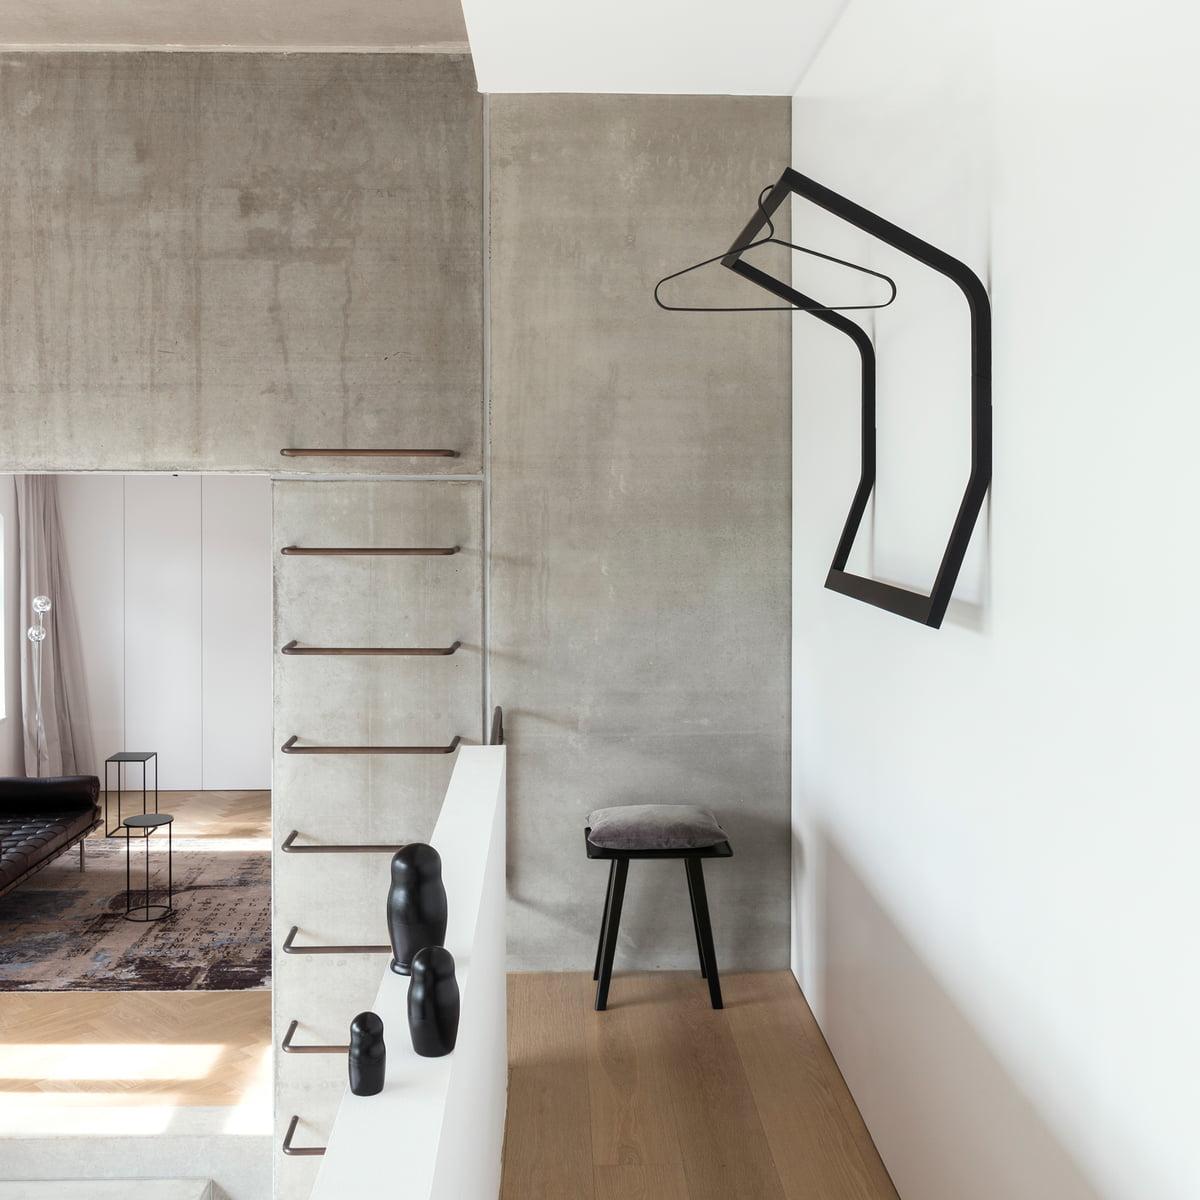 sch nbuch sled coat rack. Black Bedroom Furniture Sets. Home Design Ideas